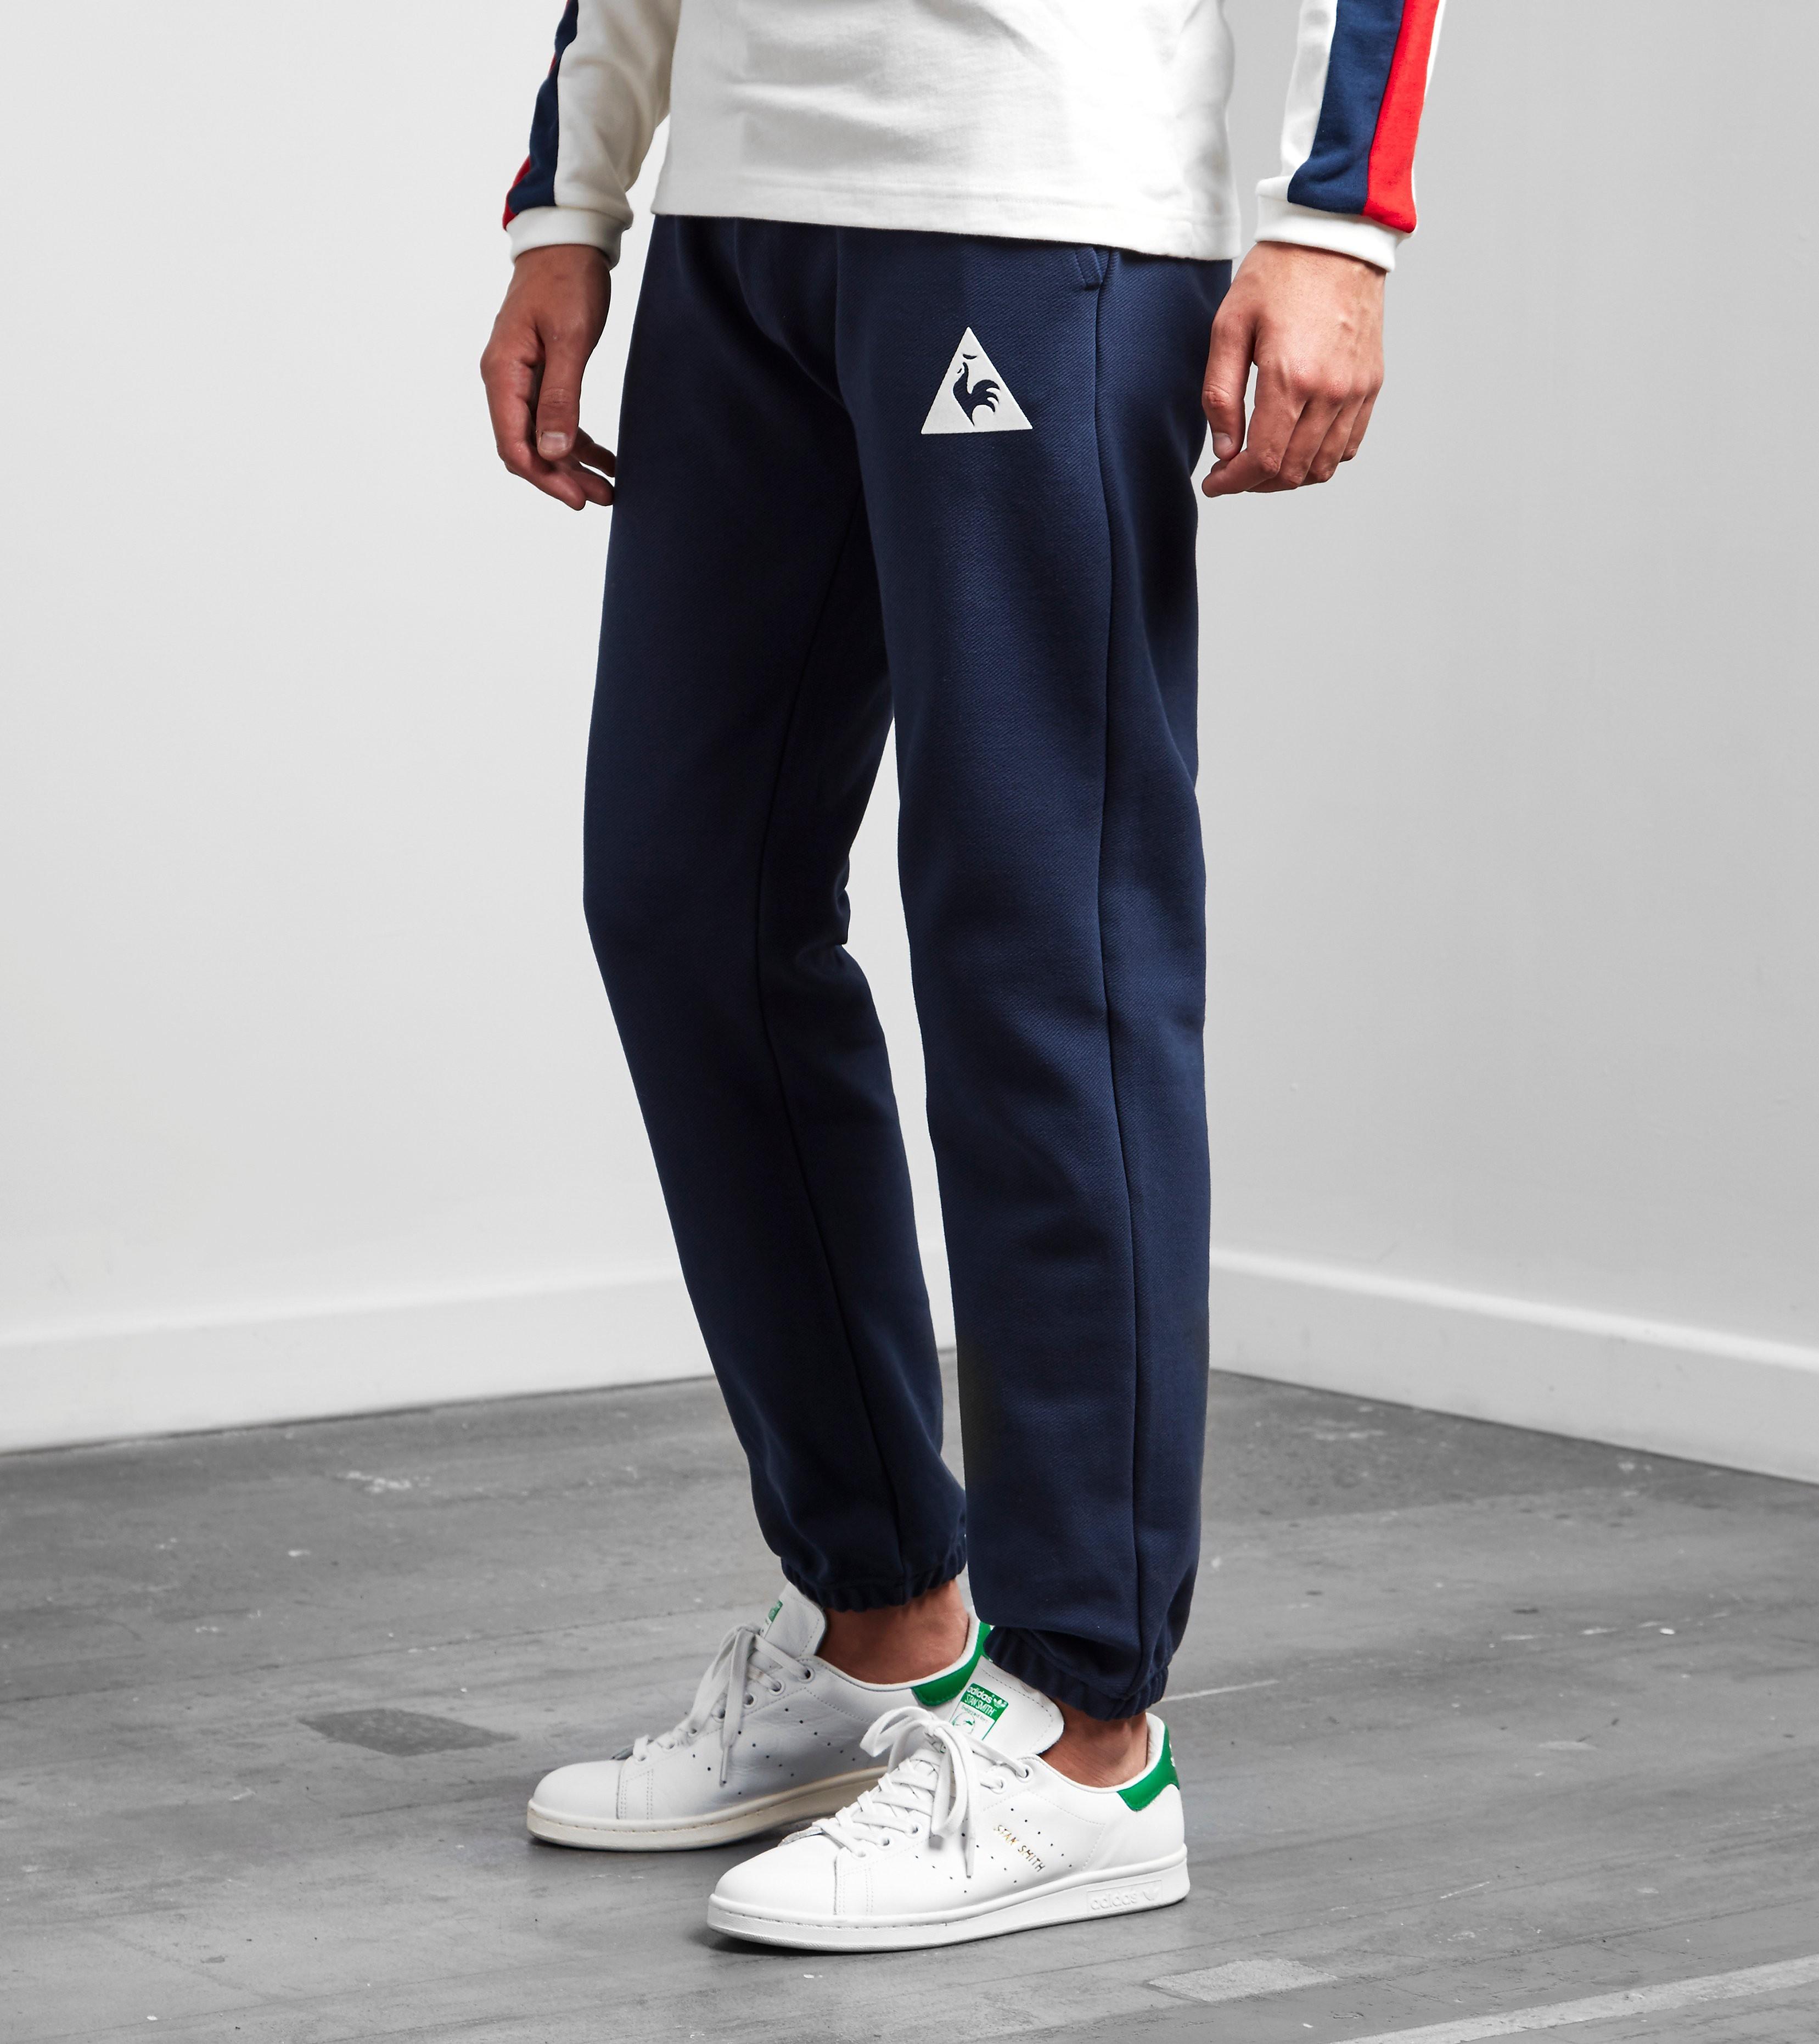 Le Coq Sportif Revival Track Pants